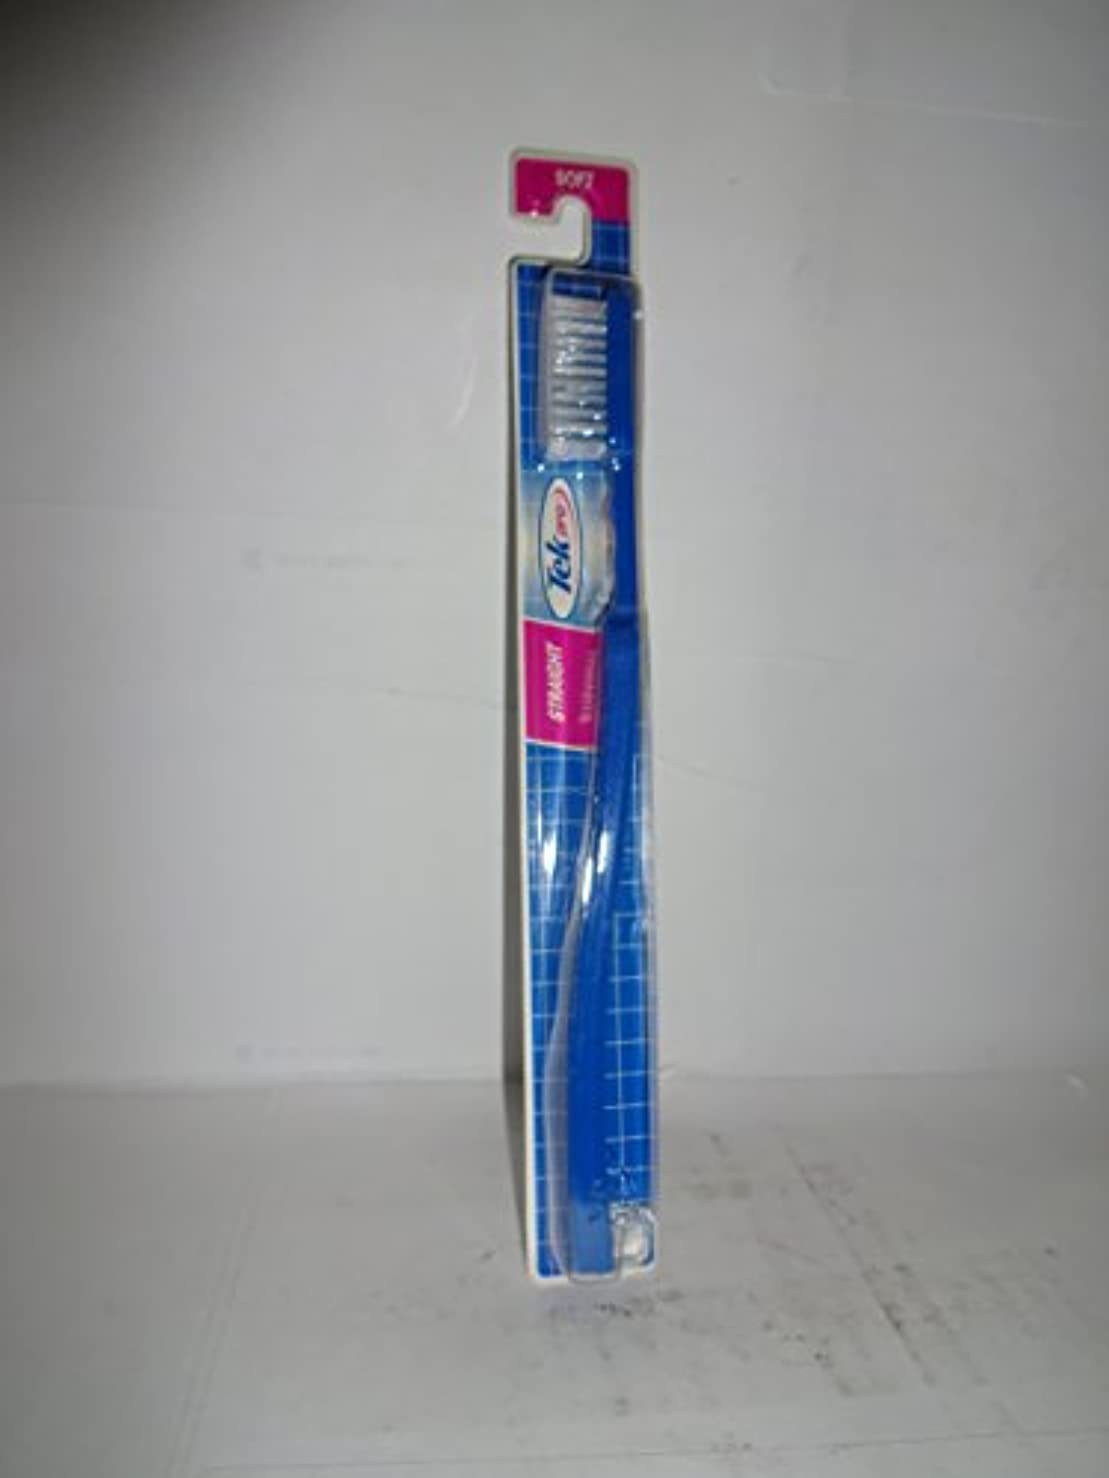 恐怖症疑問に思う相手TEK 歯ブラシソフト#3701サイズ1CT歯ブラシソフト#37016 1CT 6パック